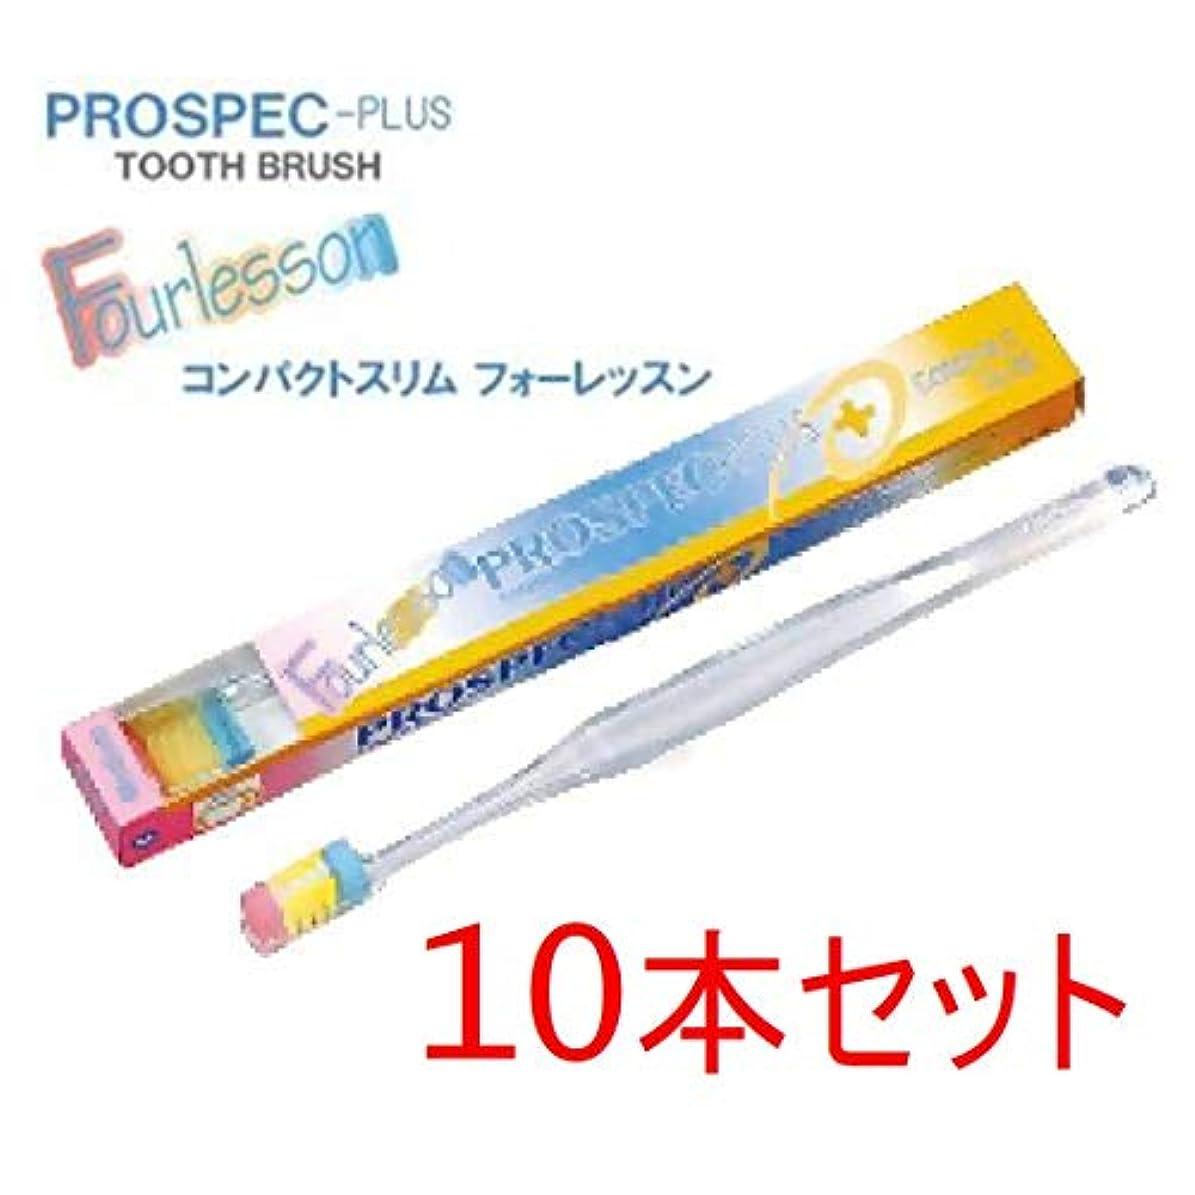 フェミニンフラッシュのように素早く胴体プロスペック 歯ブラシ コンパクトスリム 10本 フォーレッスン 毛の硬さ ふつう